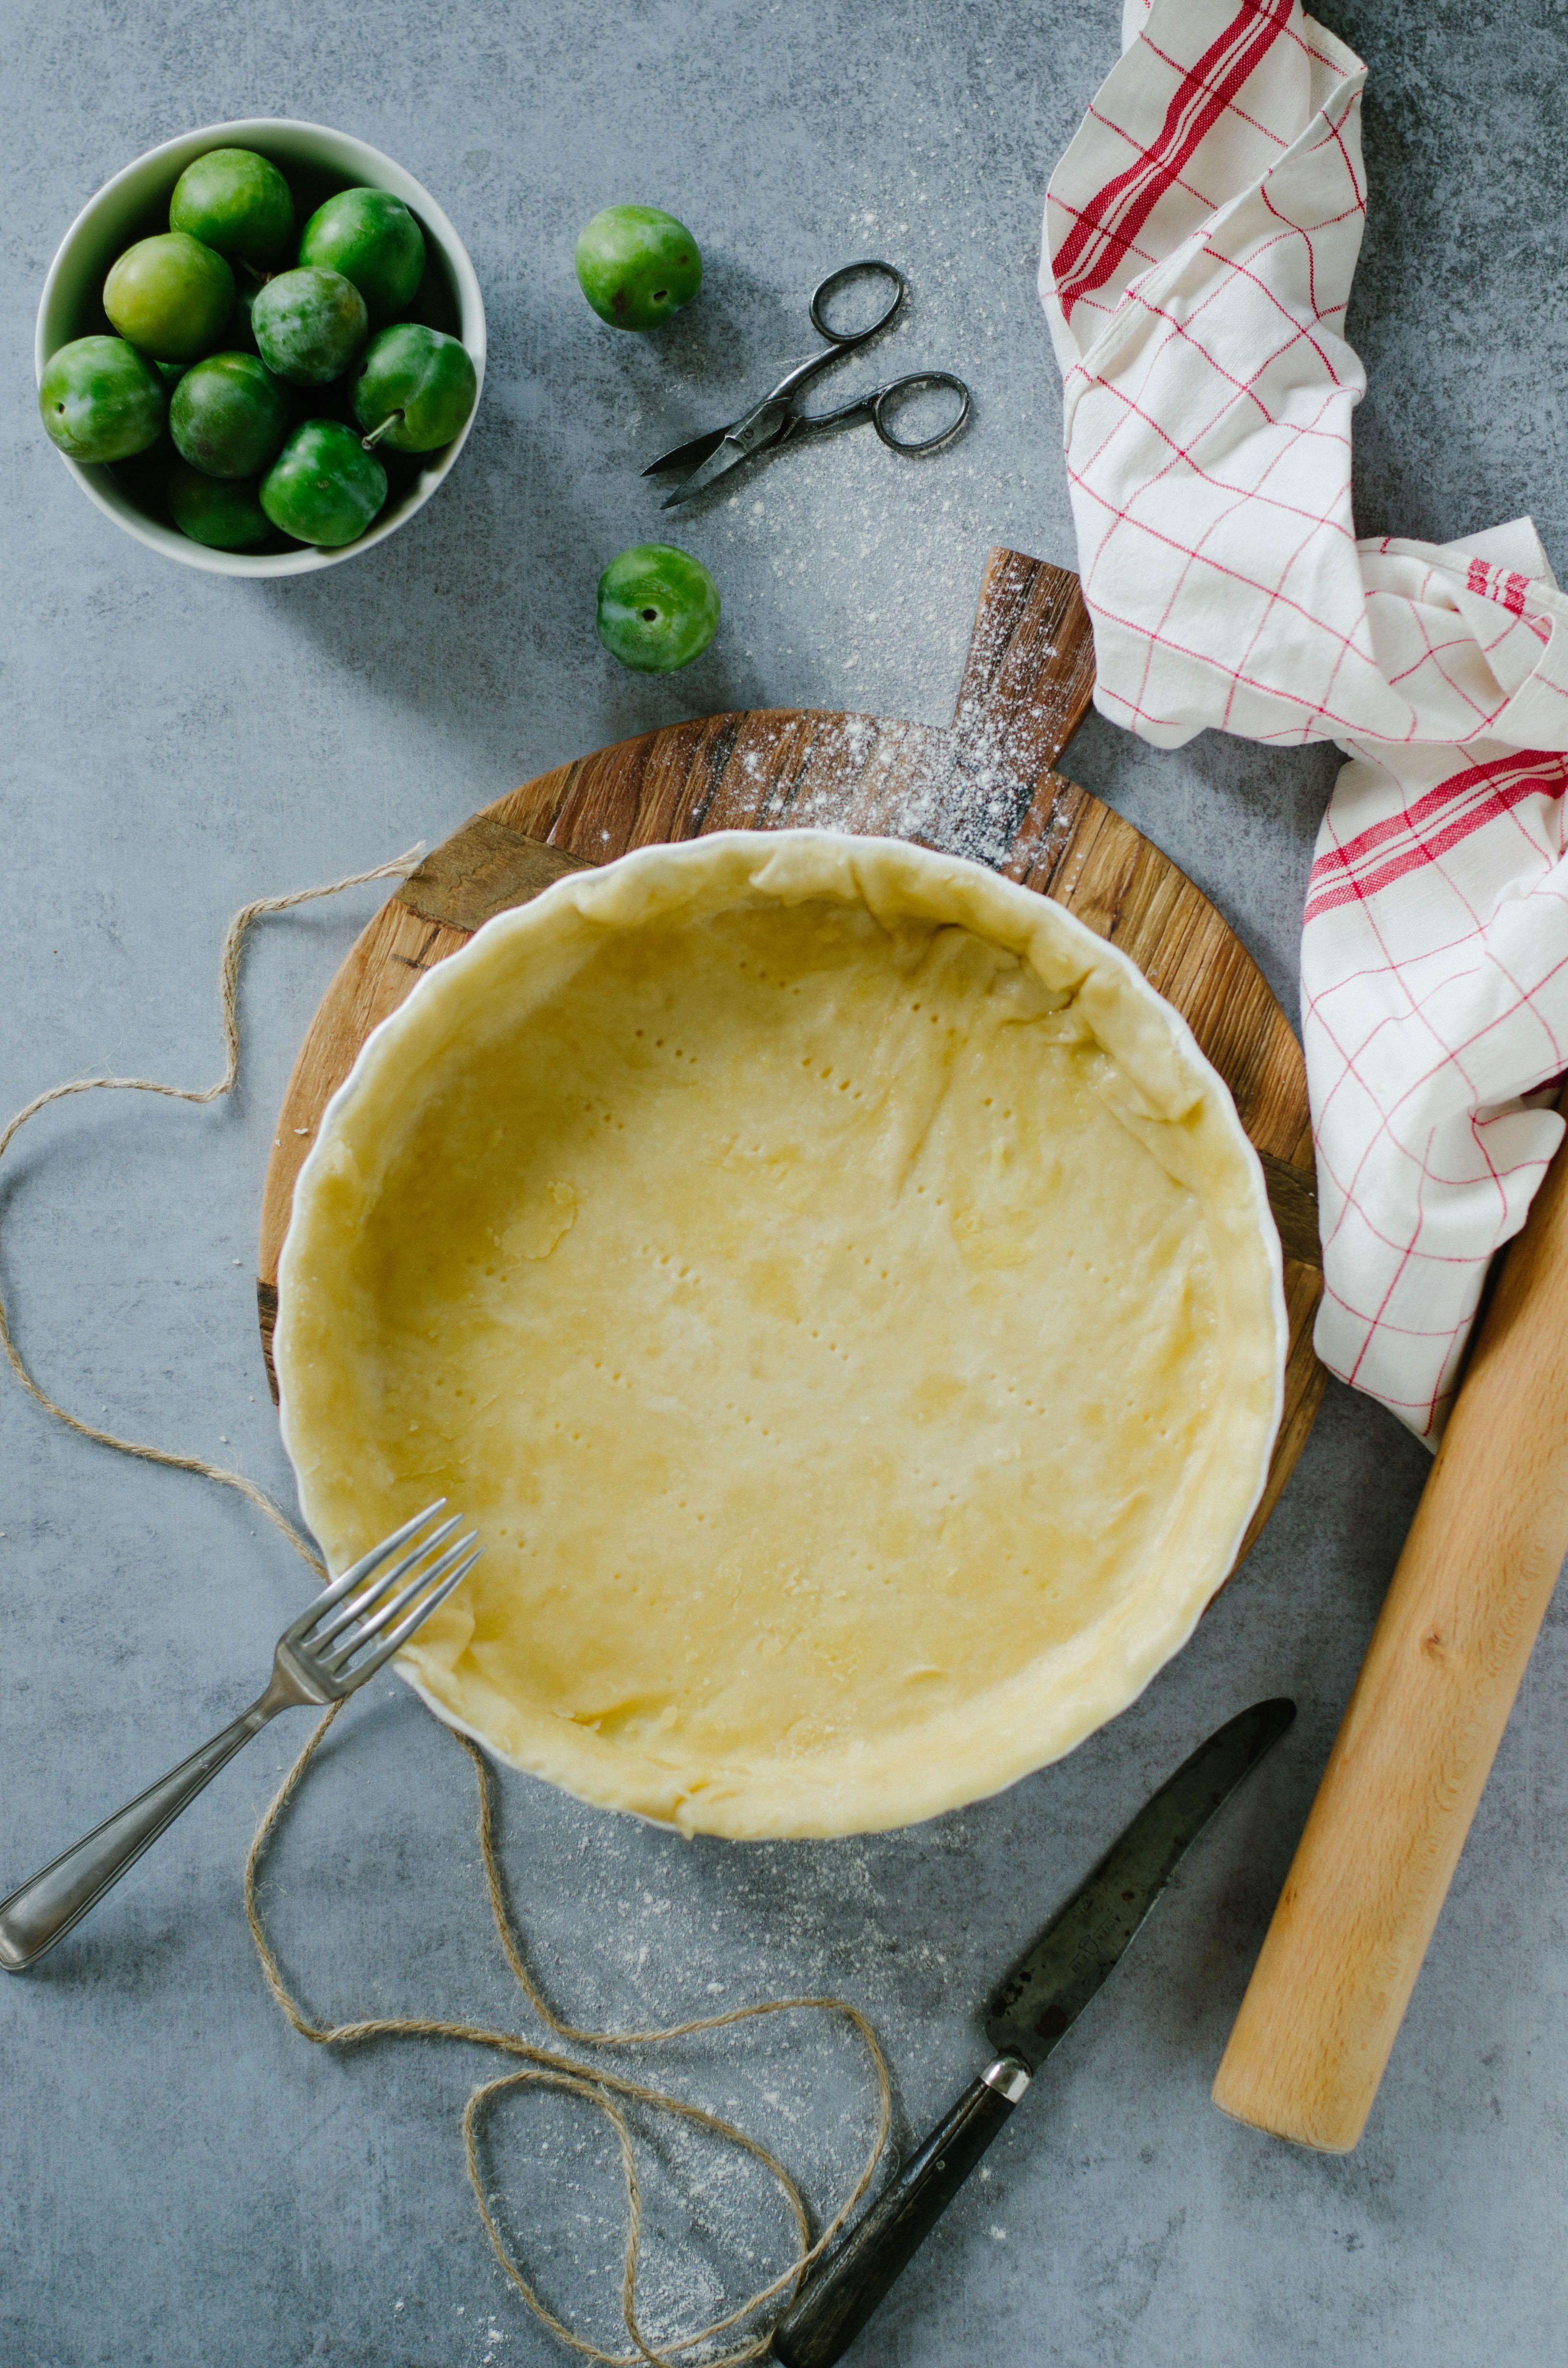 Pate A Tarte Sans Beurre : tarte, beurre, Pâte, Tarte, Beurre, {recette, Facile, Rapide}, Cuisine, Recette, Pate,, Recette,